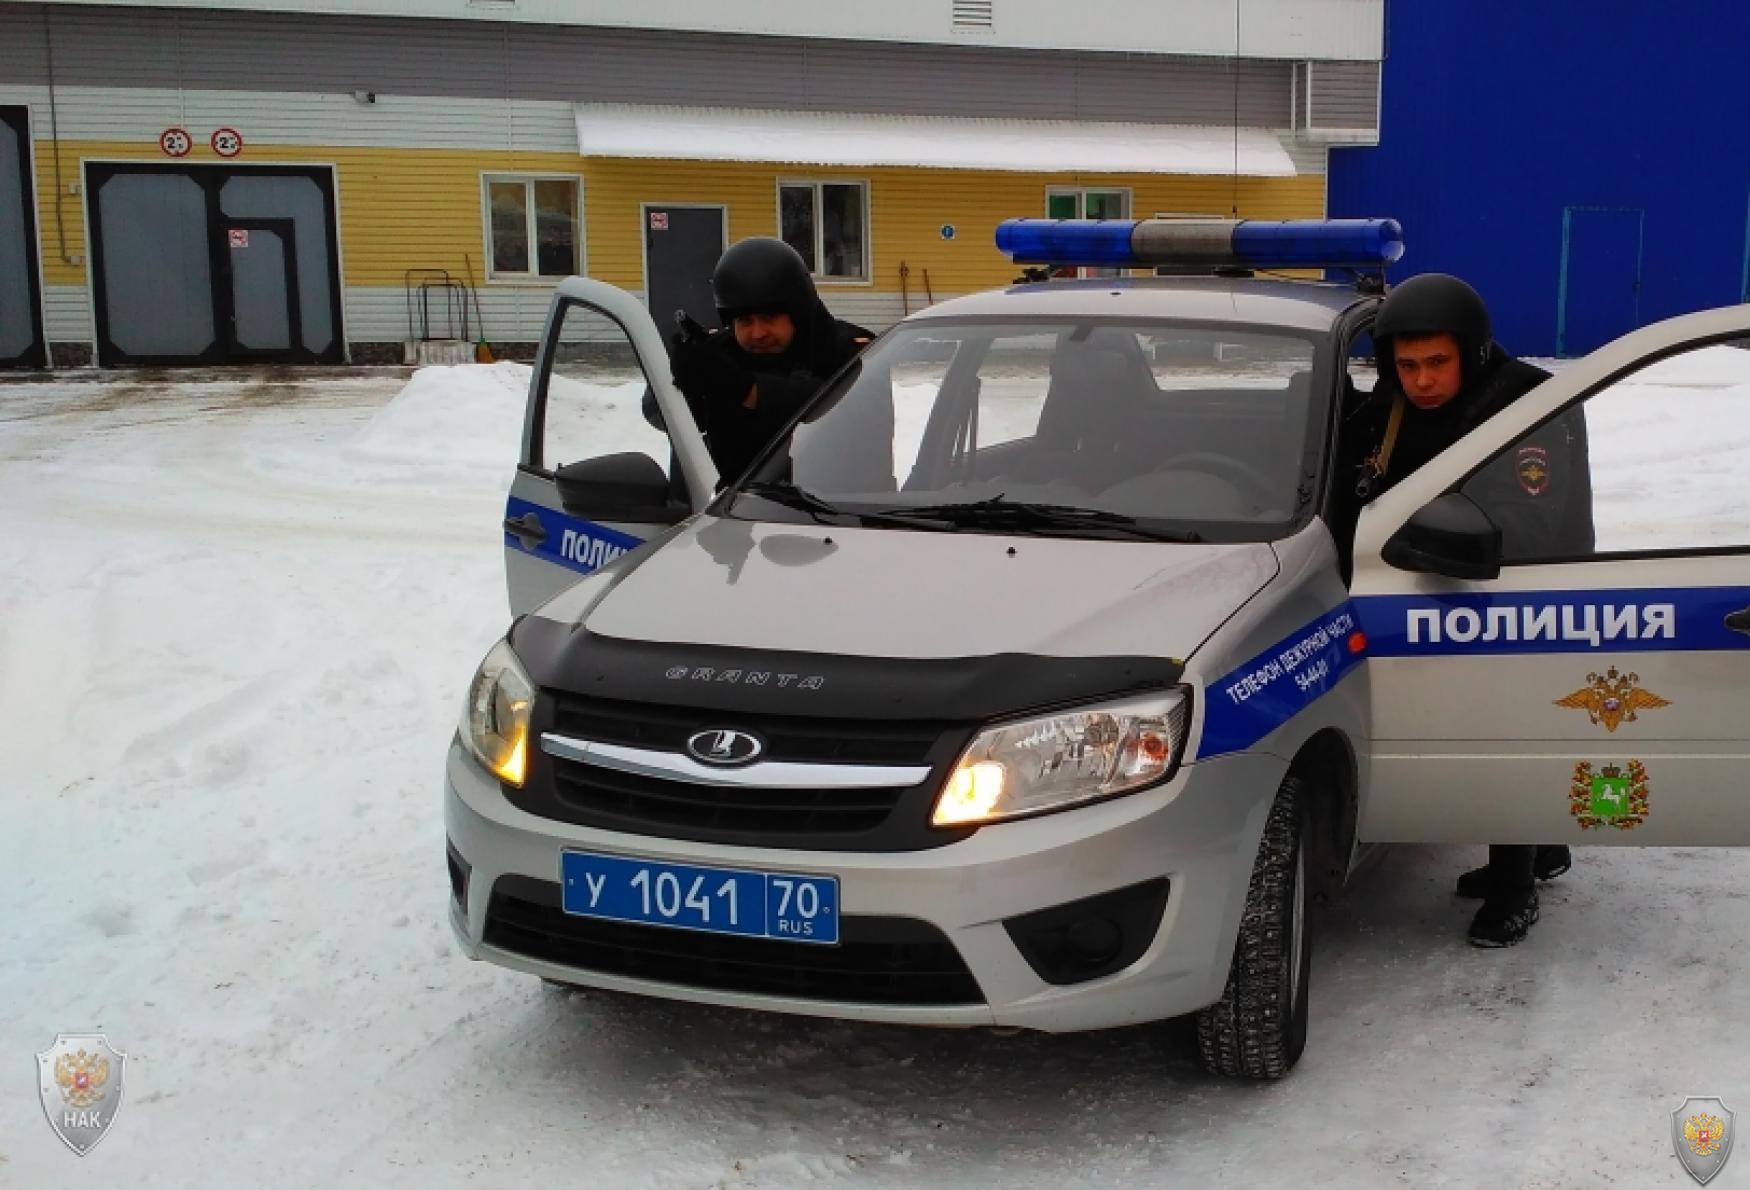 Оперативным штабом в Томской области проведено командно-штабное учение на объекте Томского областного радиотелевизионного передающего центра